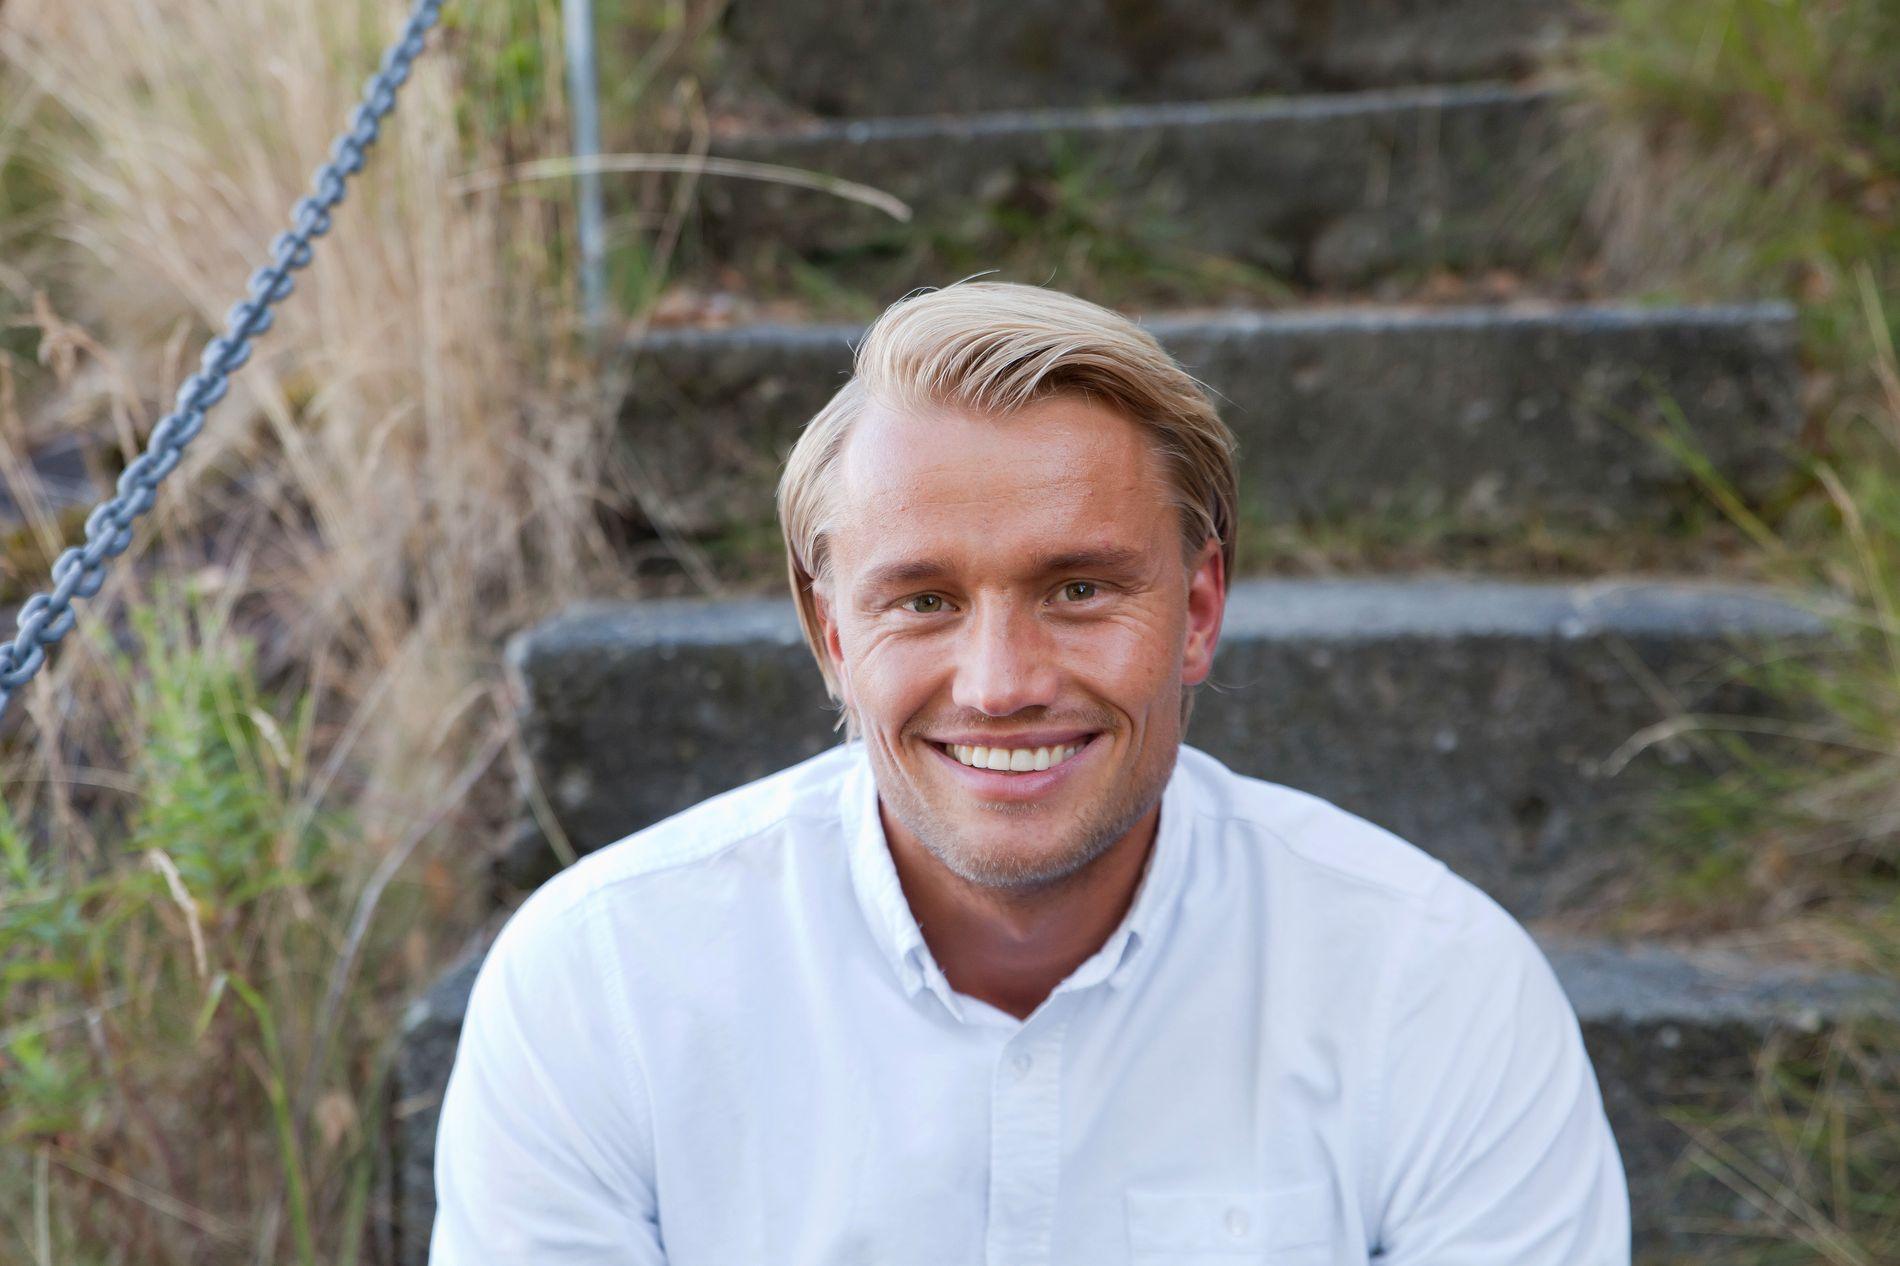 FØR «FARMEN»: Mats Beylegaard Brennemo før han dro inn på gården.